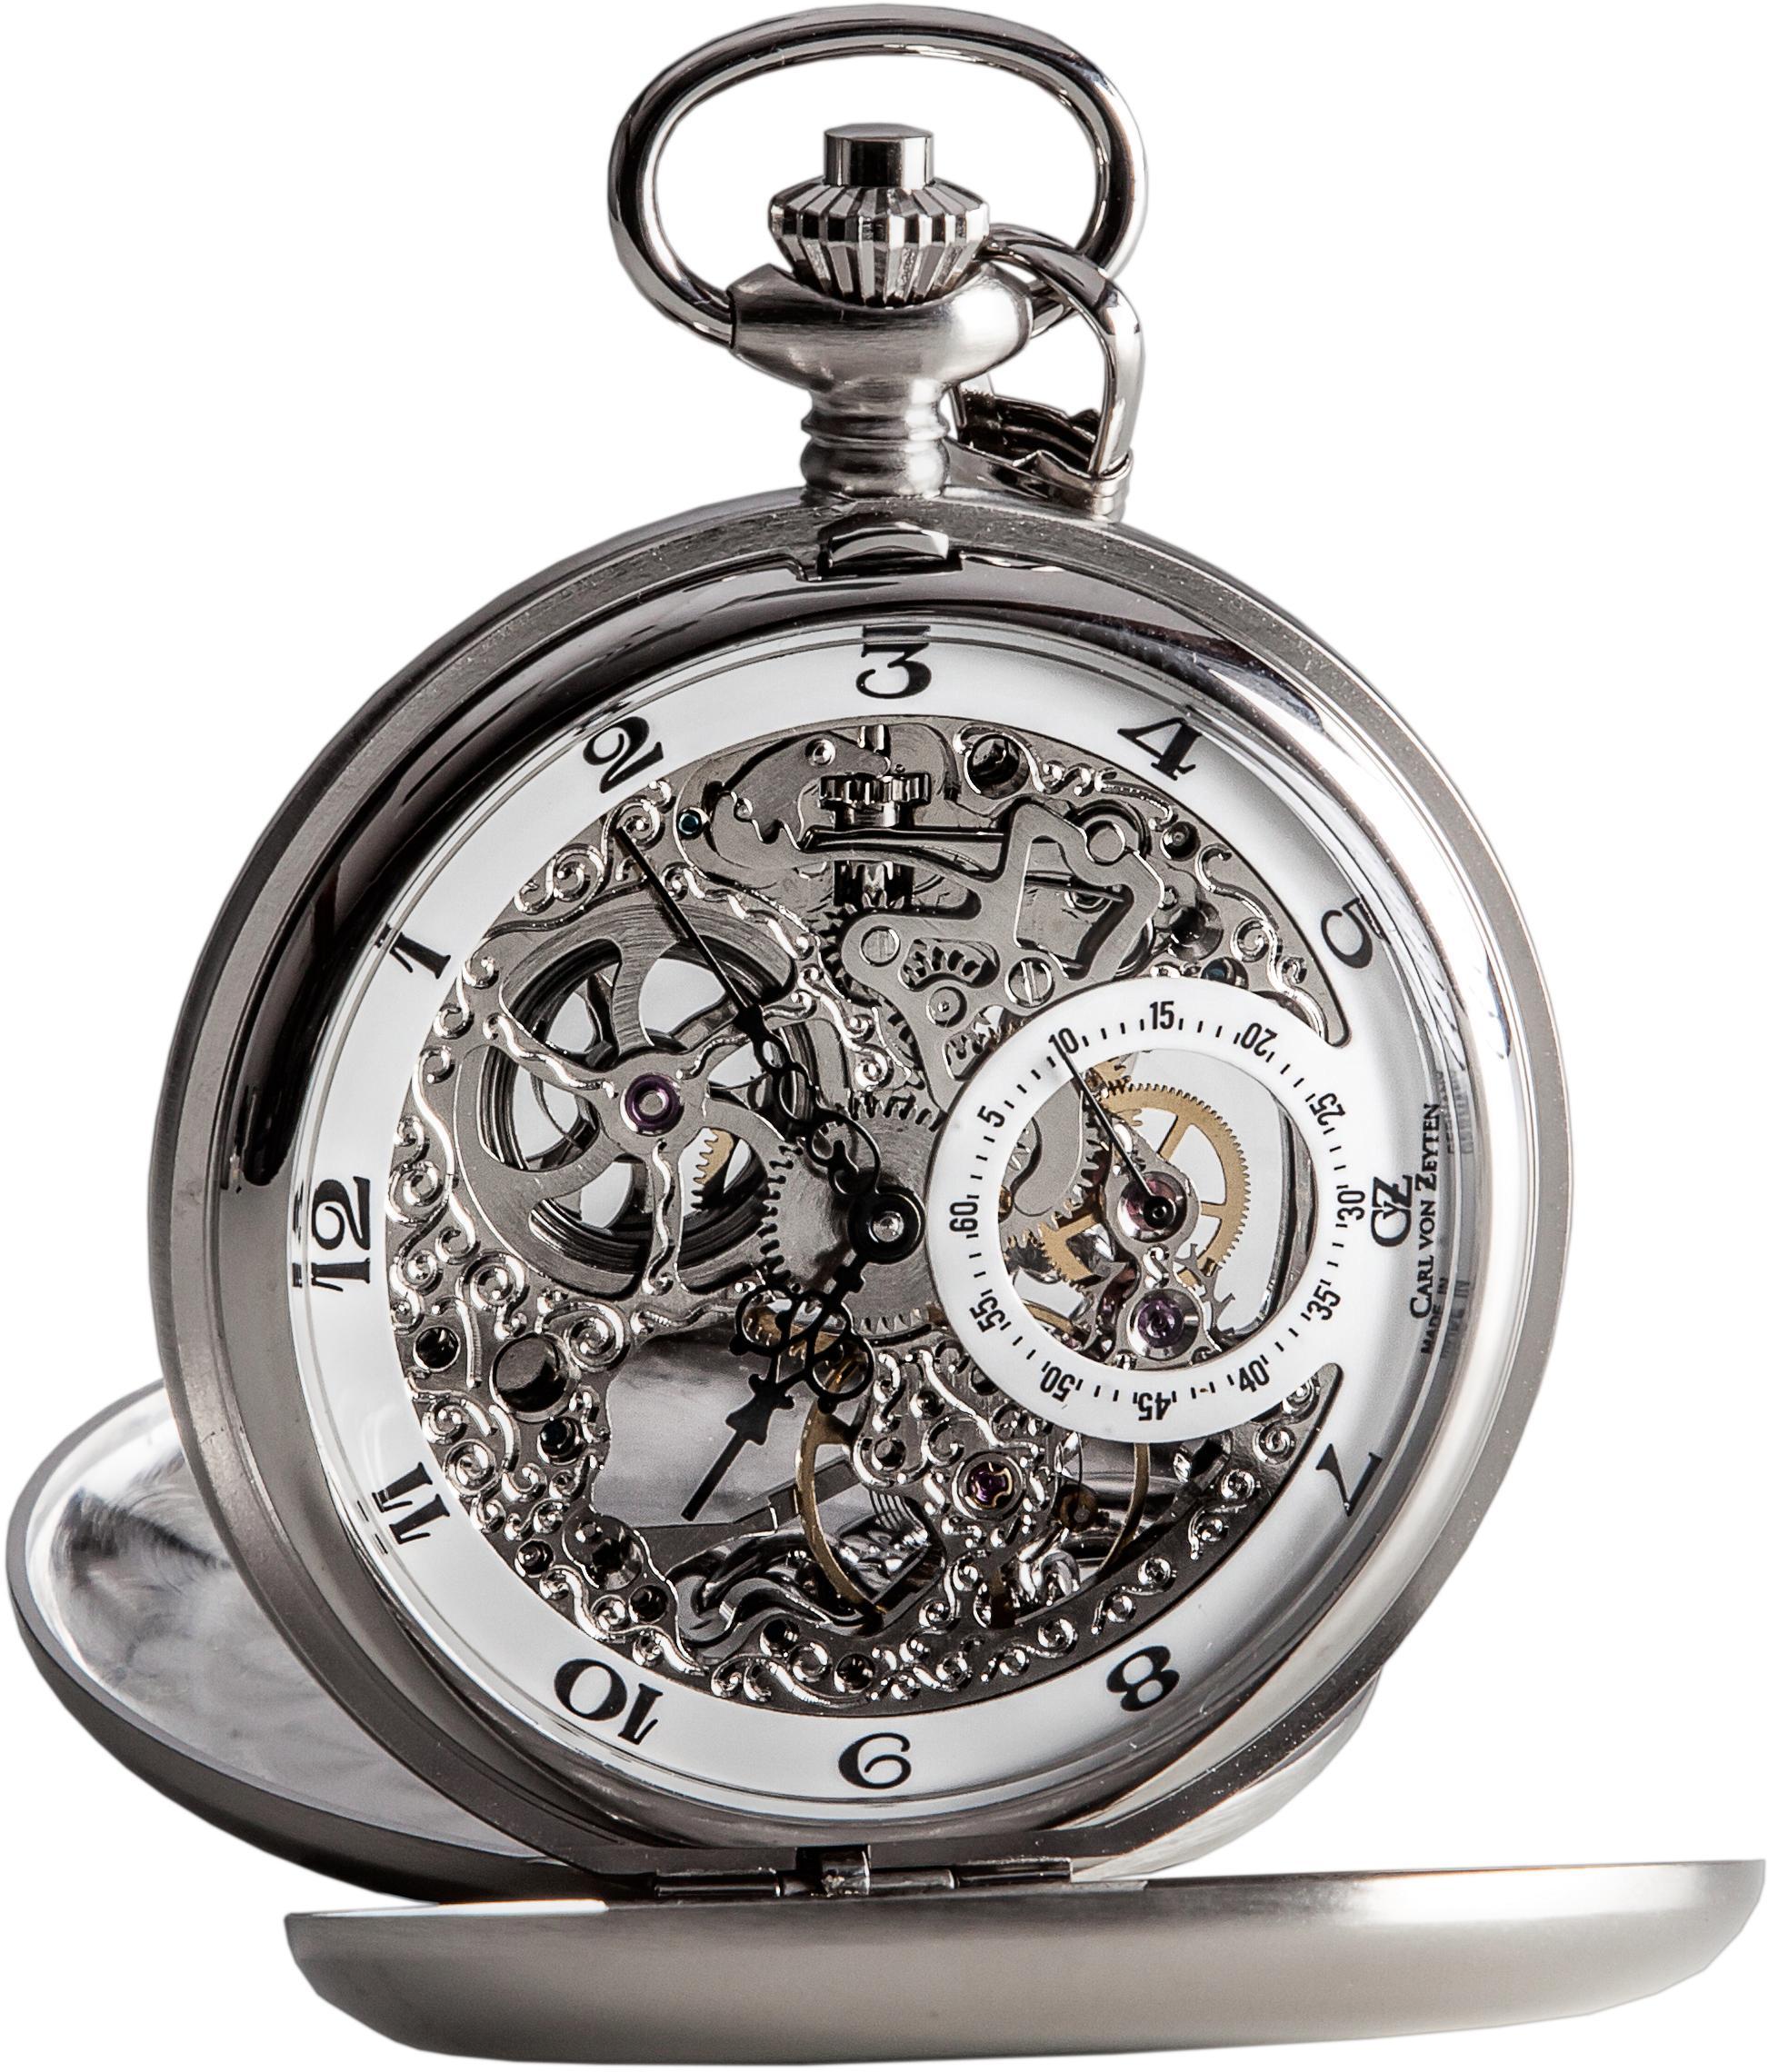 Carl von Zeyten Taschenuhr Bräg CVZ0039WH (Set 2 tlg inkl Kette) | Uhren > Taschenuhren | Carl Von Zeyten